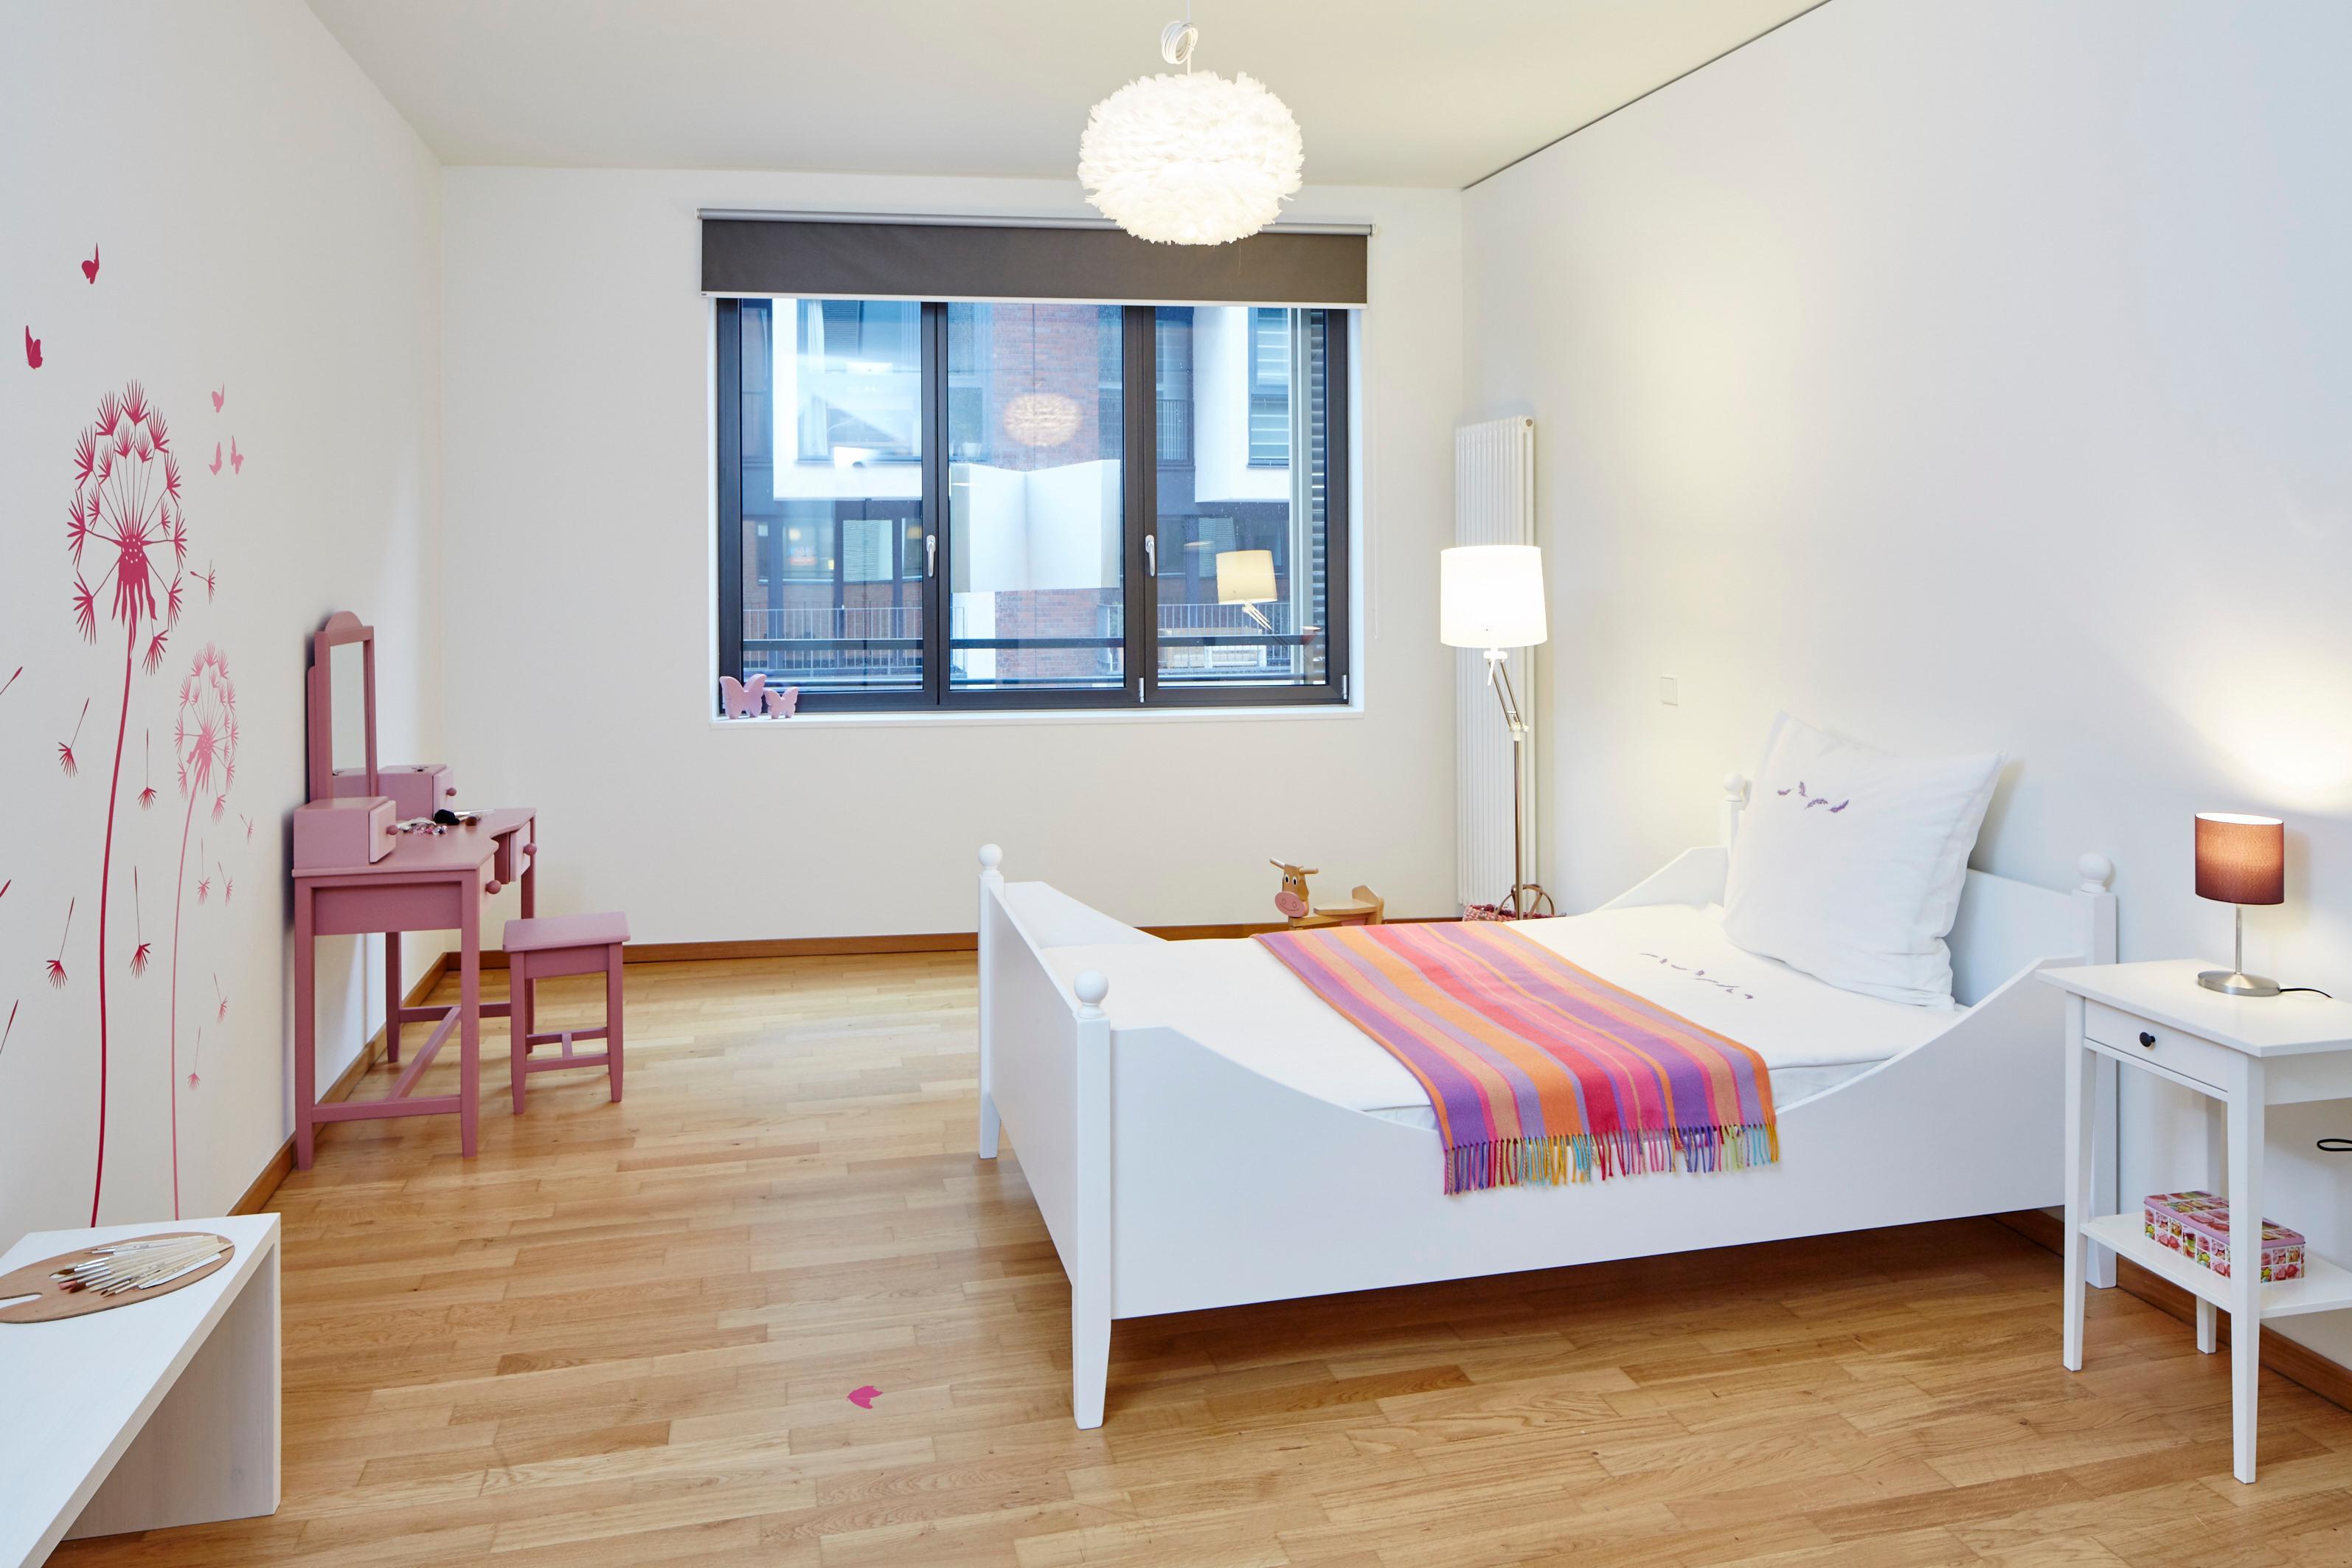 Mädchenzimmer Mit Pink/rosa / Weiß #mädchenzimmer ©Herbert Ohge